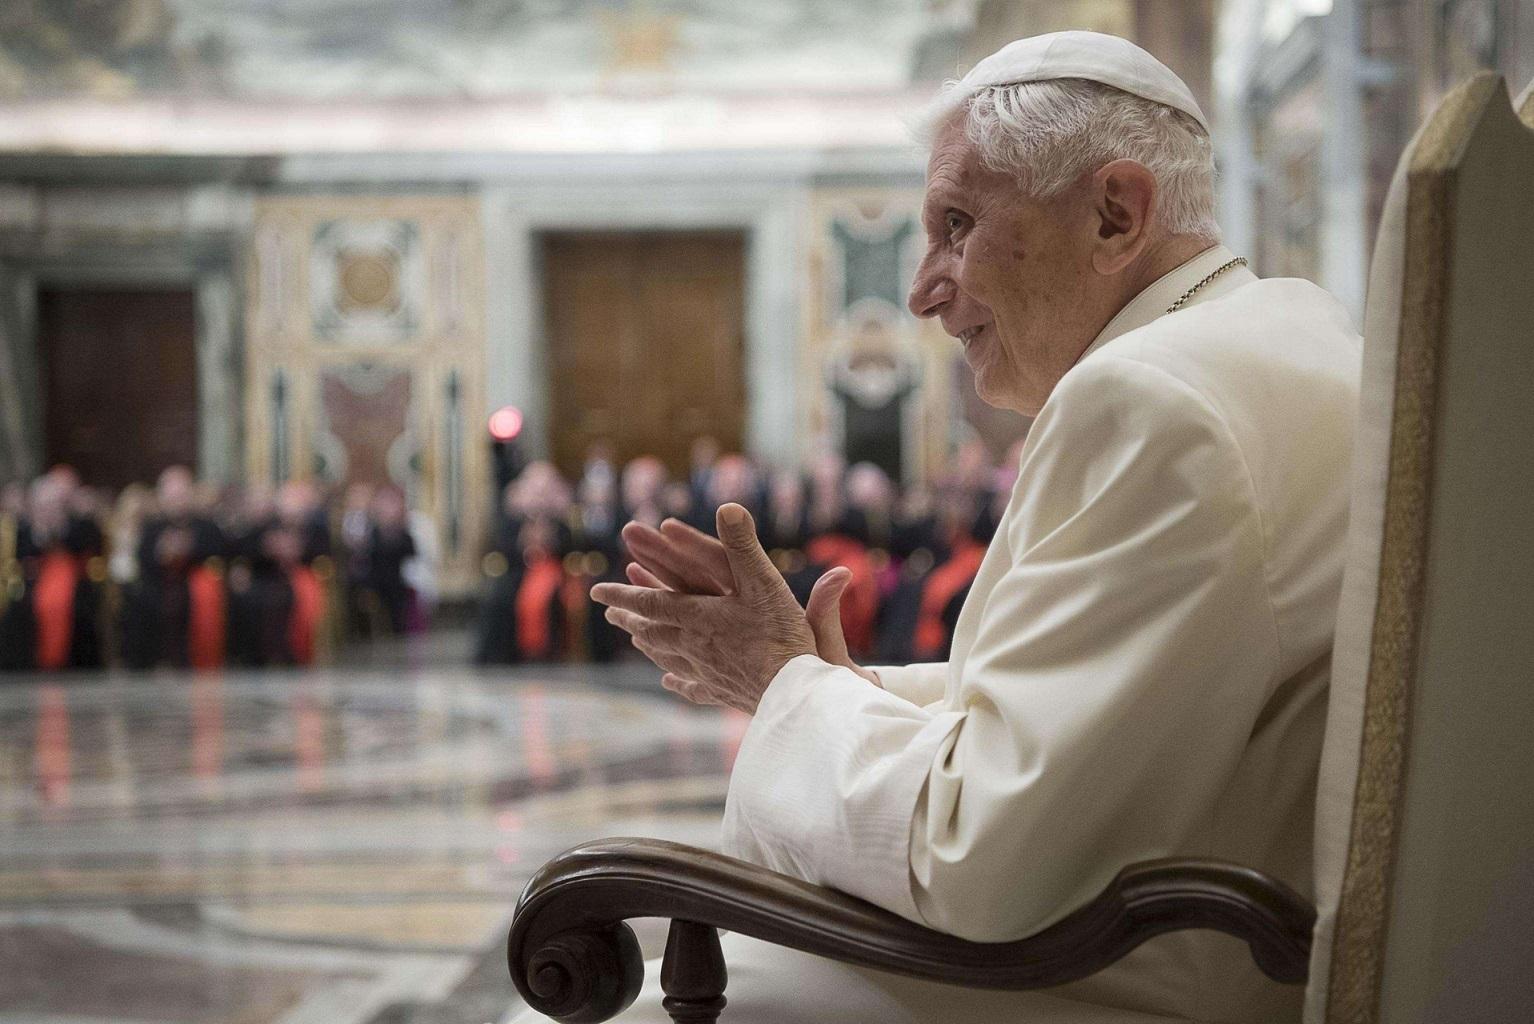 В Ватикане опровергают слухи о резком ухудшении состояния здоровья Бенедикта XVI